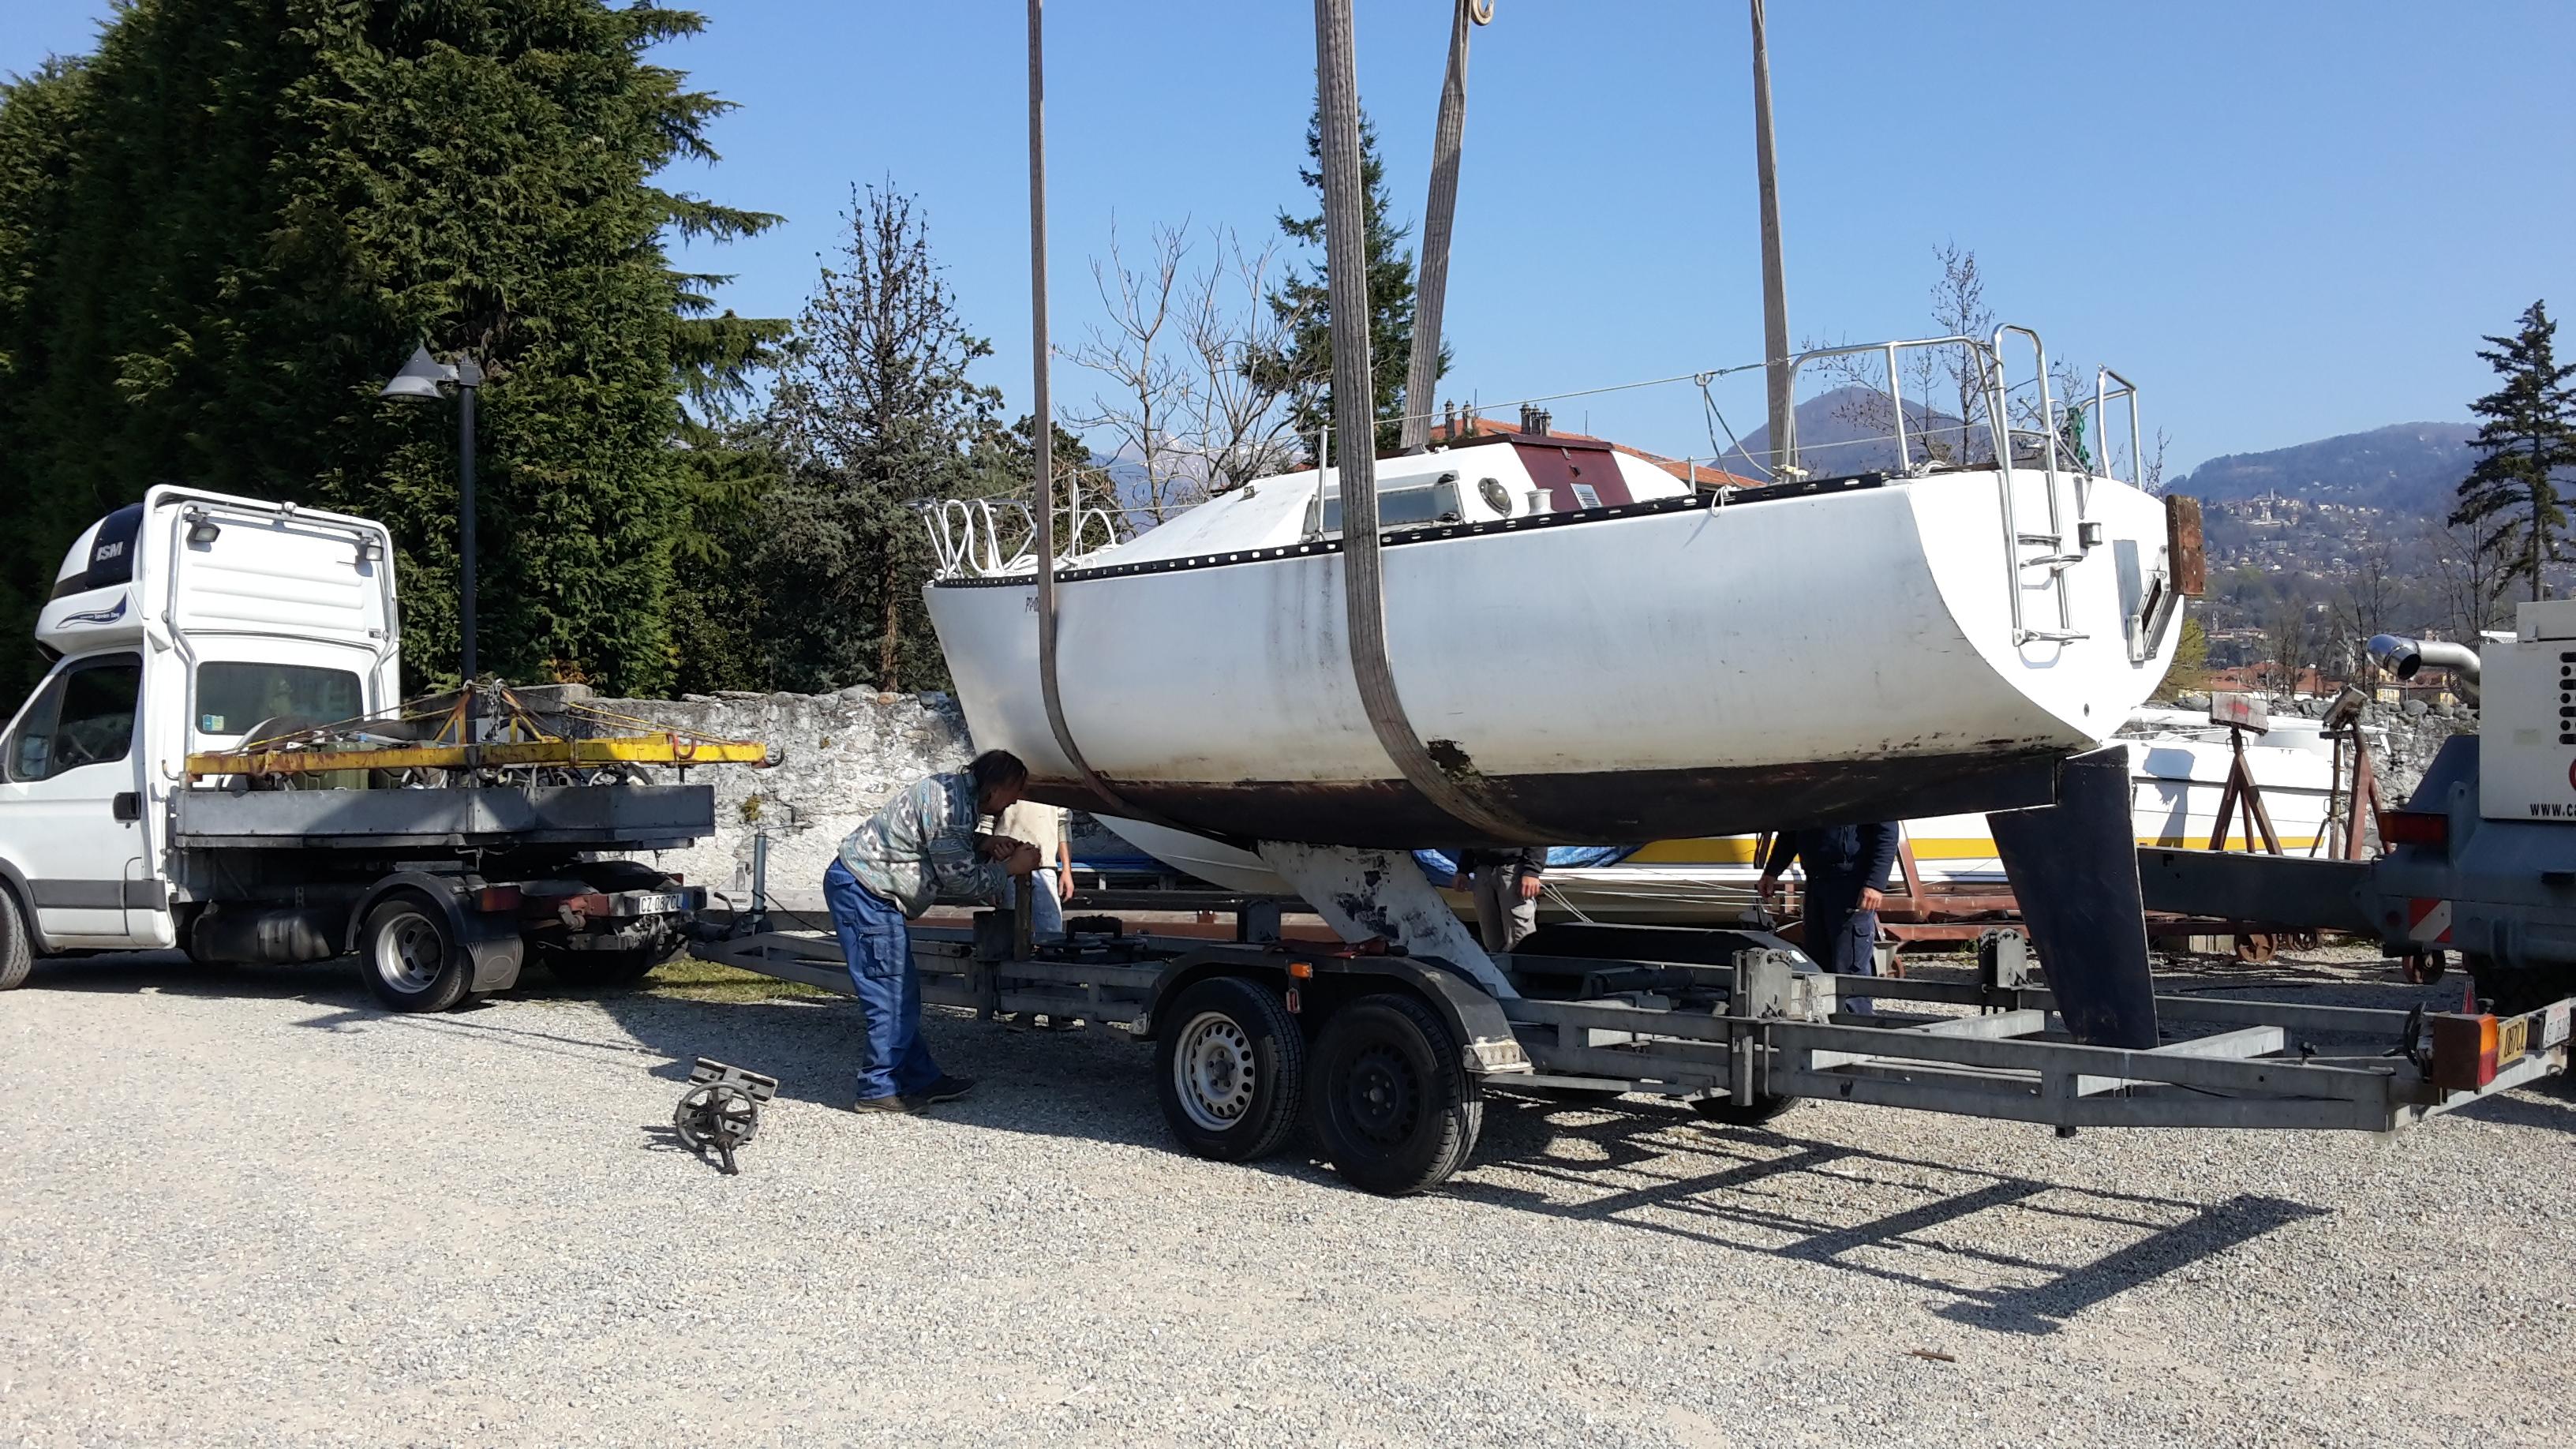 E spuntata una barca in giardino sailboatgaleb